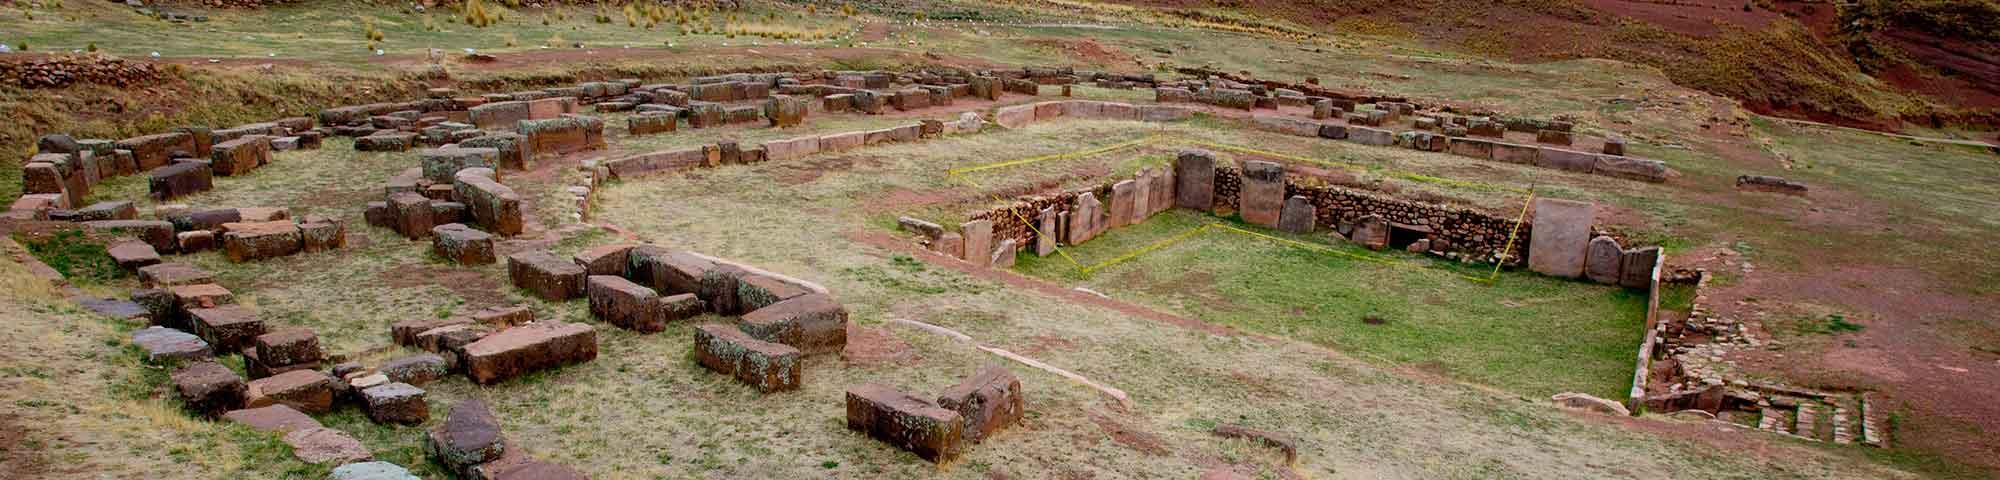 Zona Arqueológica de Pukara